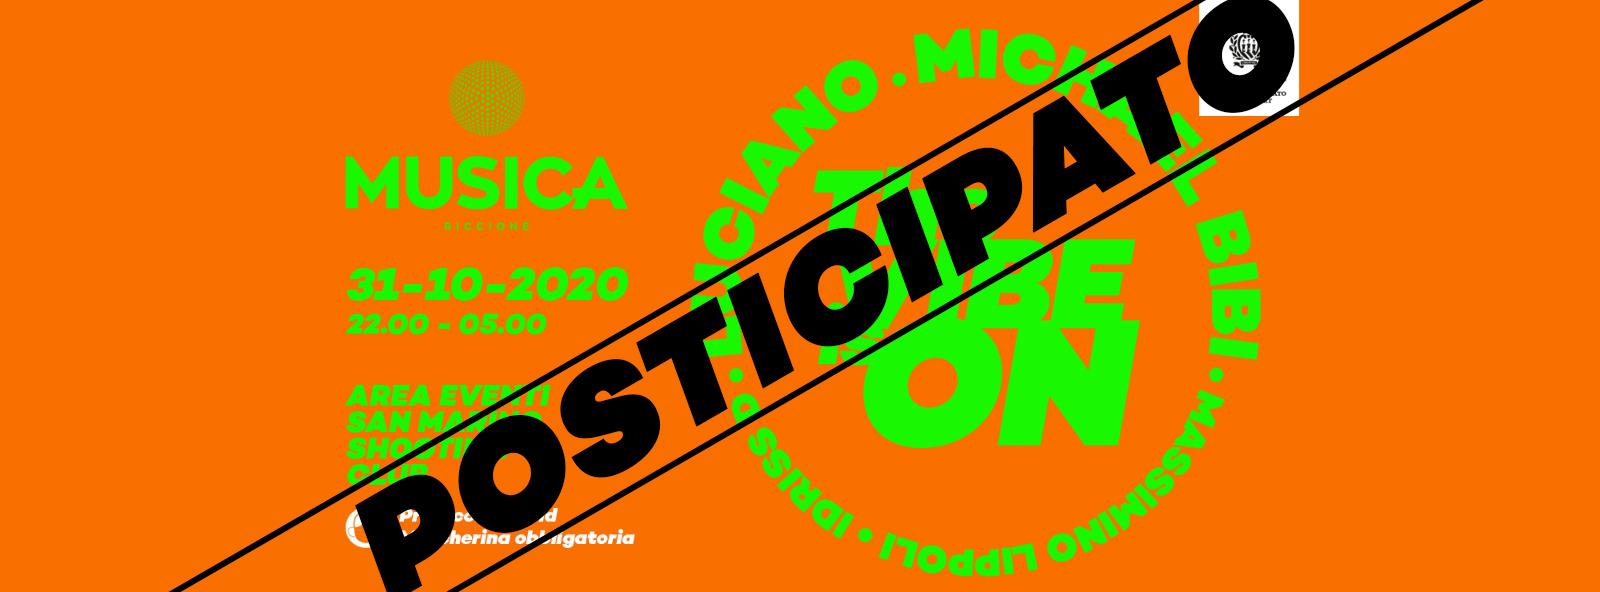 [ Posticipato ] Michael Bibi + Luciano Halloween A San Marino Con Musica Riccione Sabato 31 10 2020 Biglietti Prevendite Tavoli Pacchetti Hotel